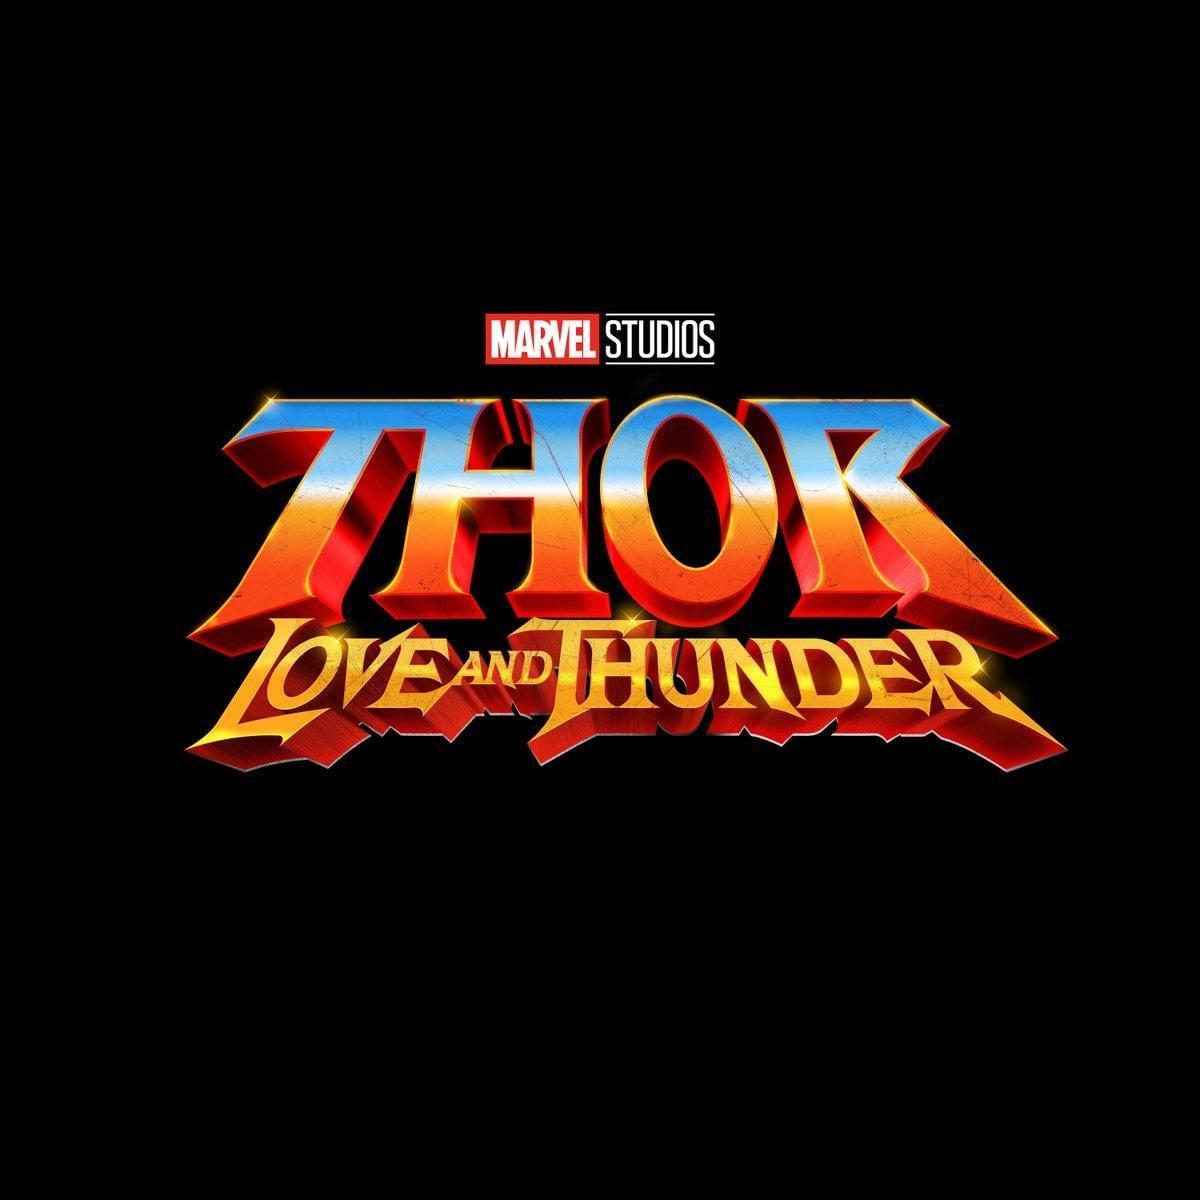 Marvel объявила 10 фильмов 4-й фазы на 2020 и 2021 годы (d 9kfw2u8aez4fz.0)